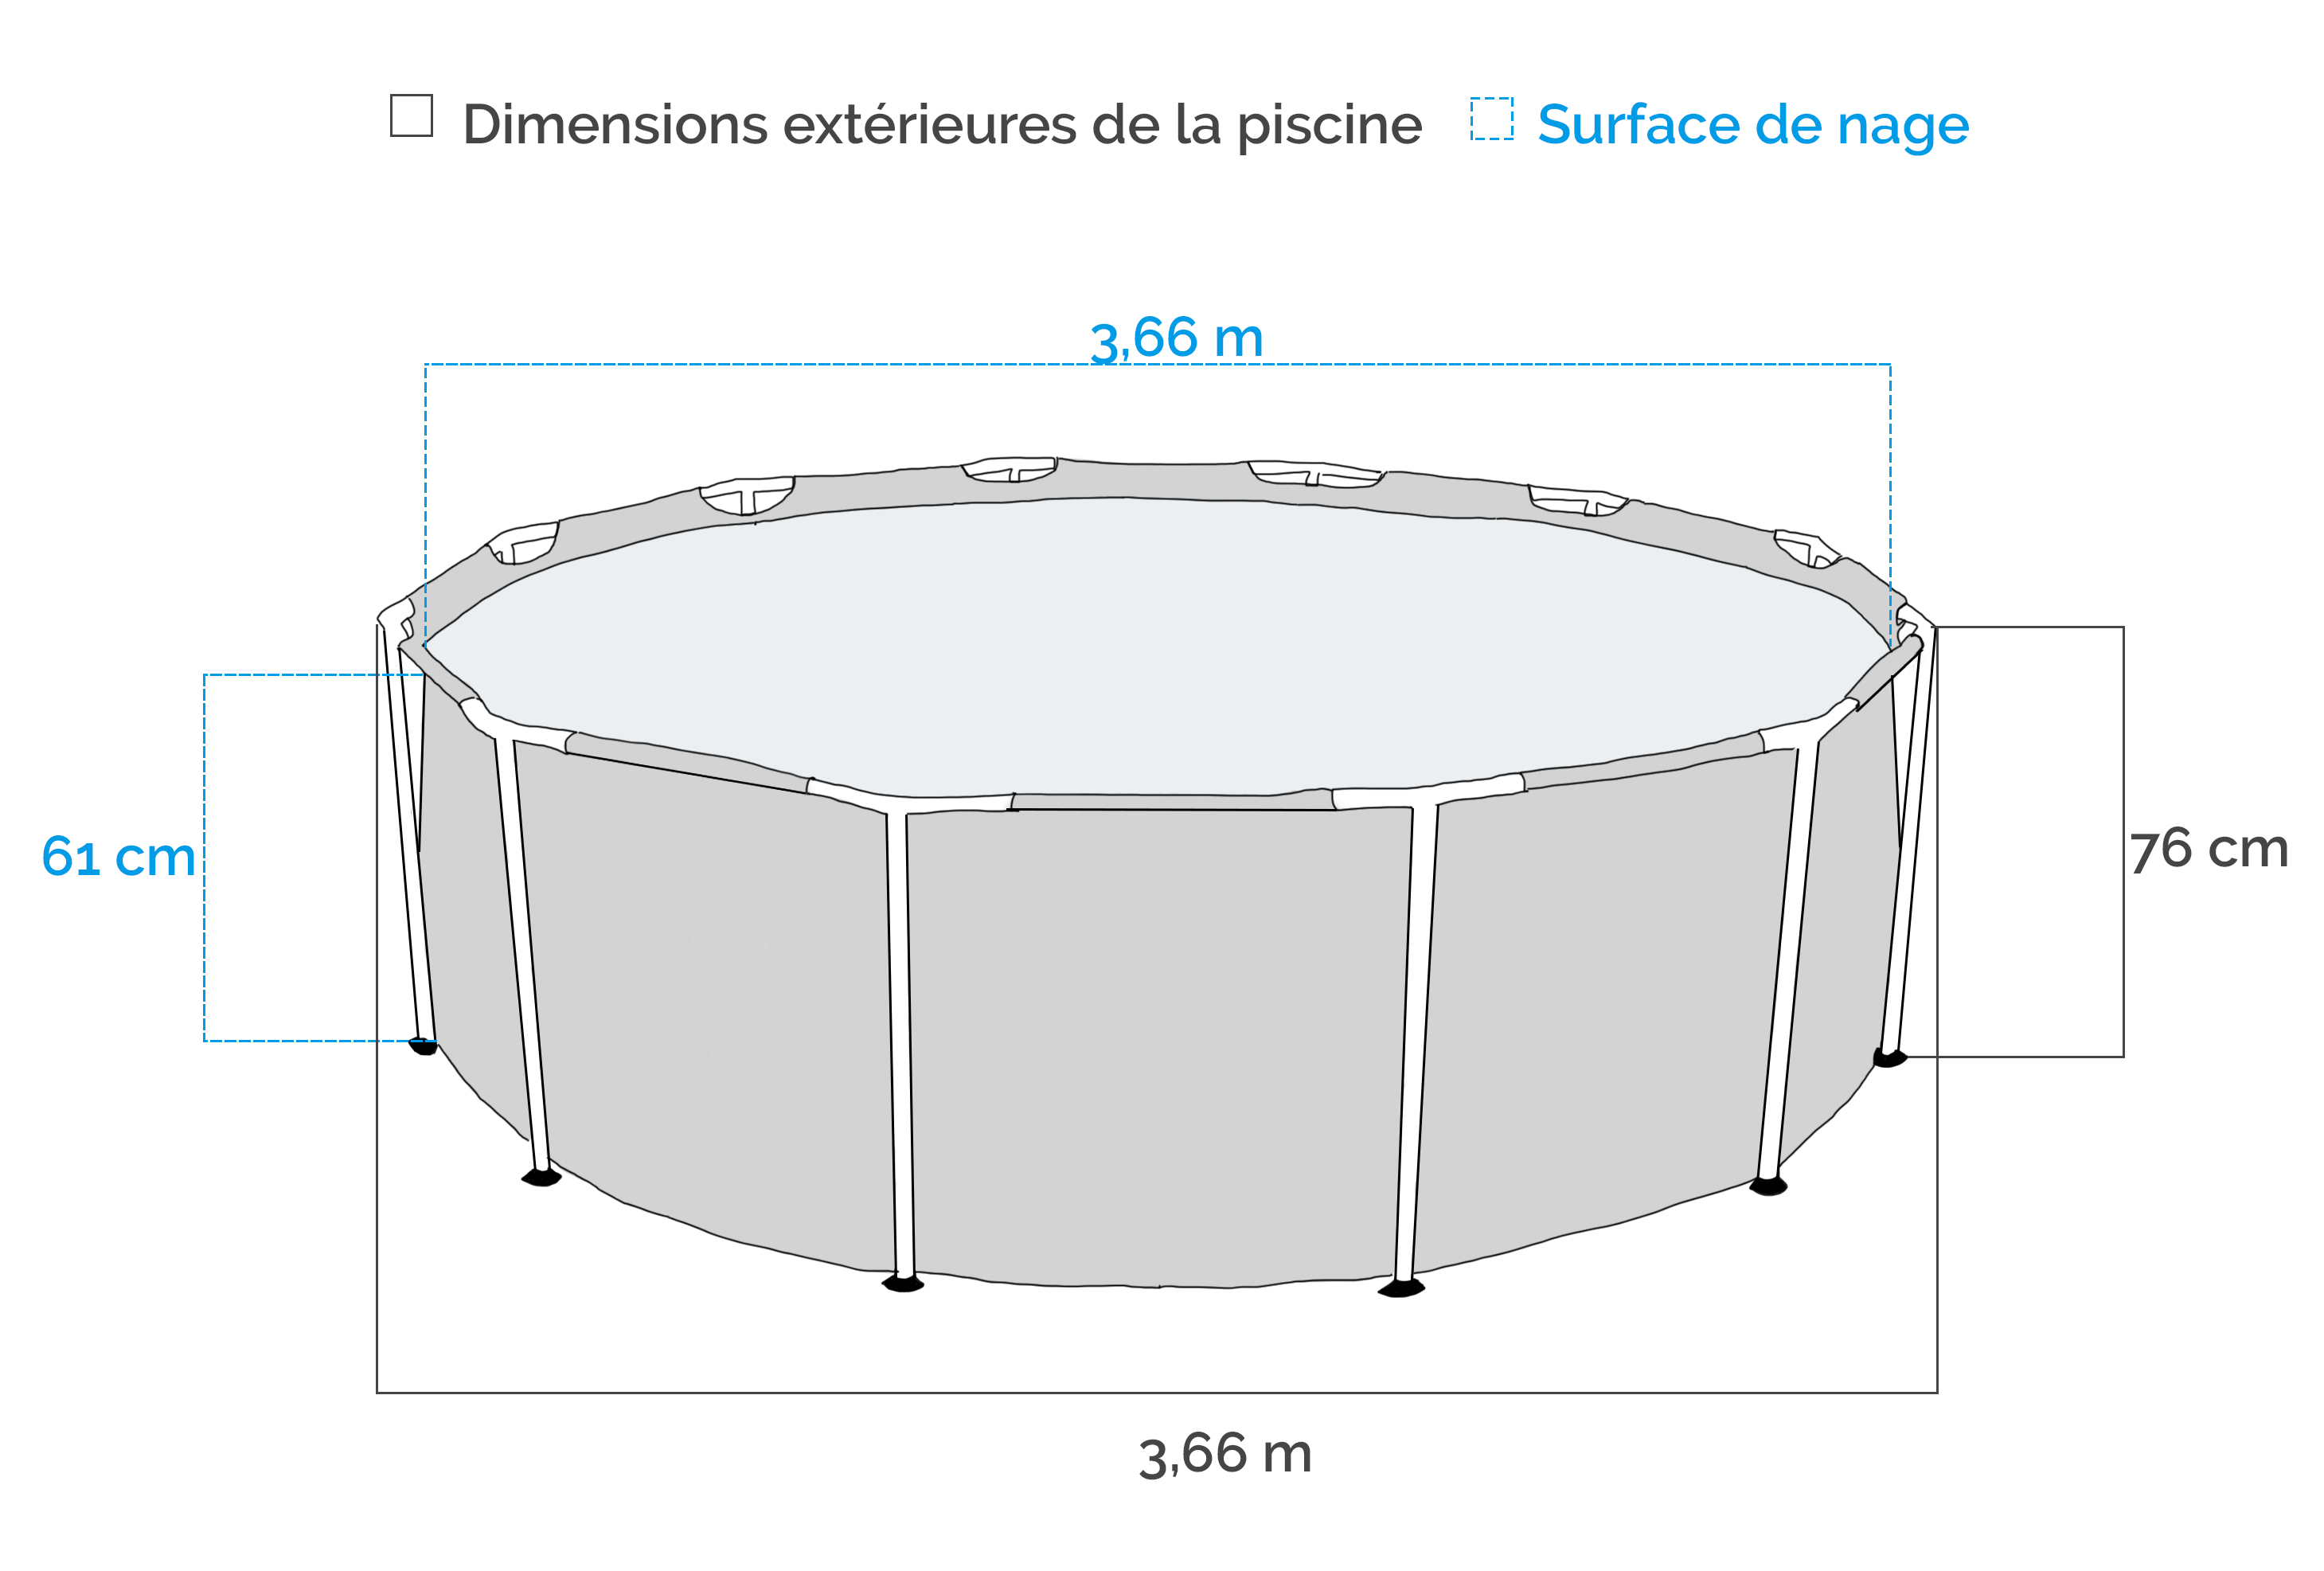 Piscine tubulaire intex metal frame x avec for Piscine 5 x 3